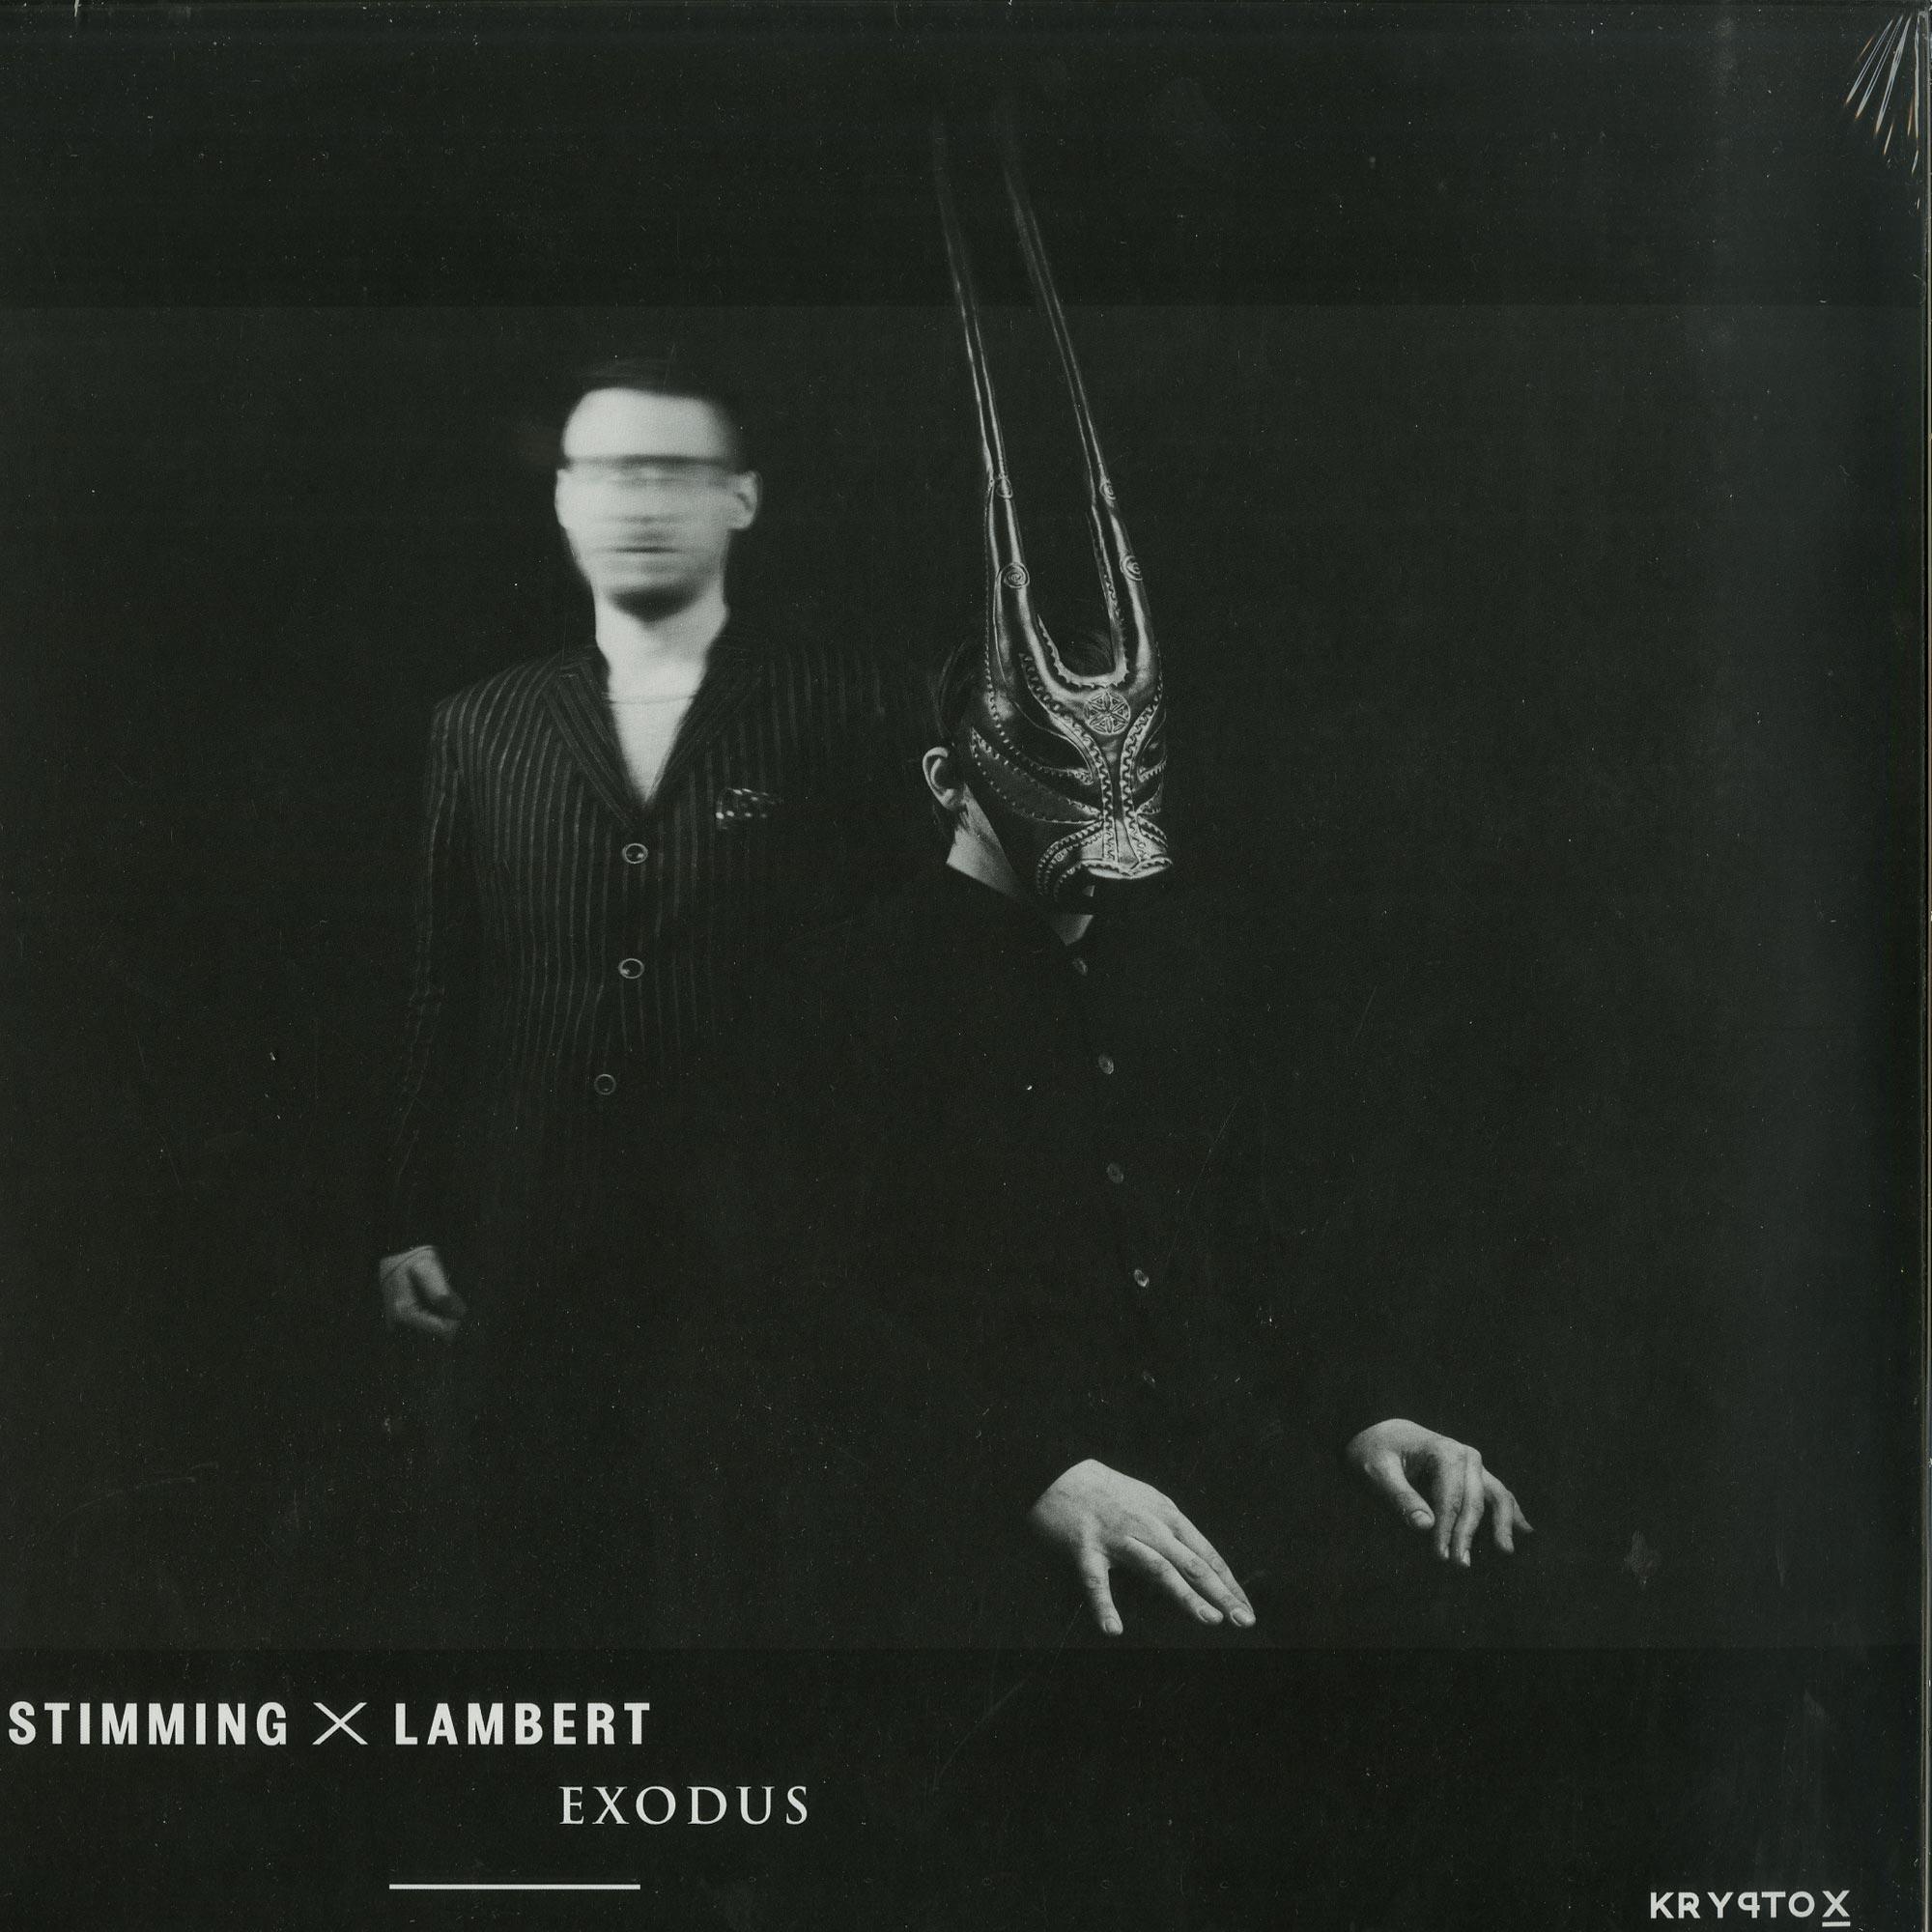 Stimming X Lambert - EXODUS